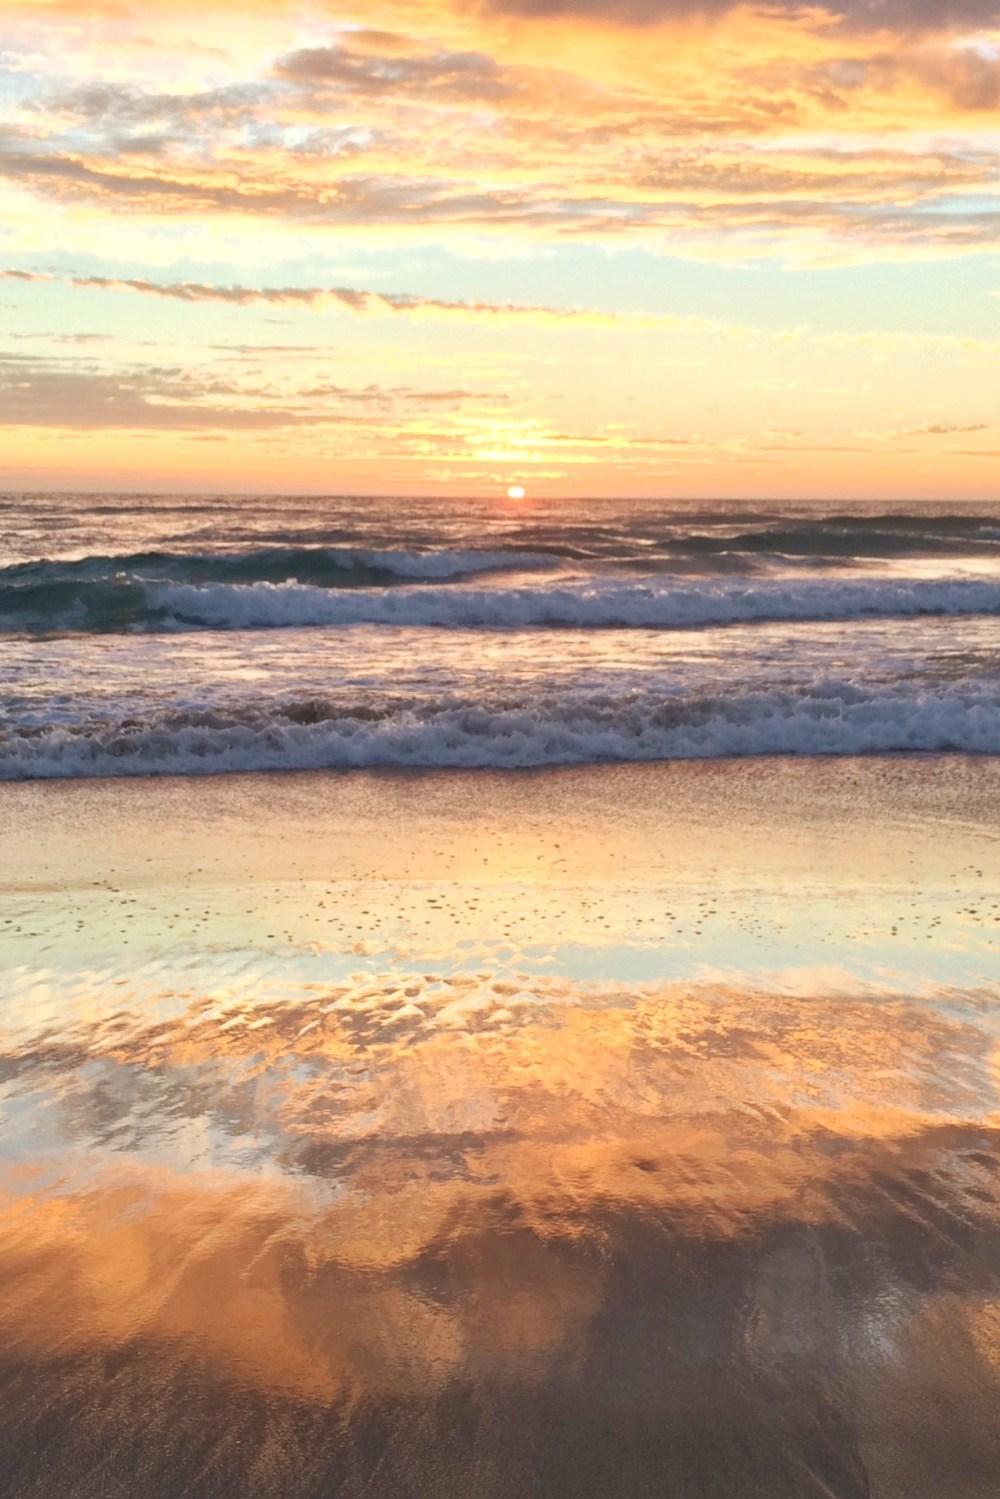 Beach Sunrise Burleigh Heads, Australia Vaycarious.com